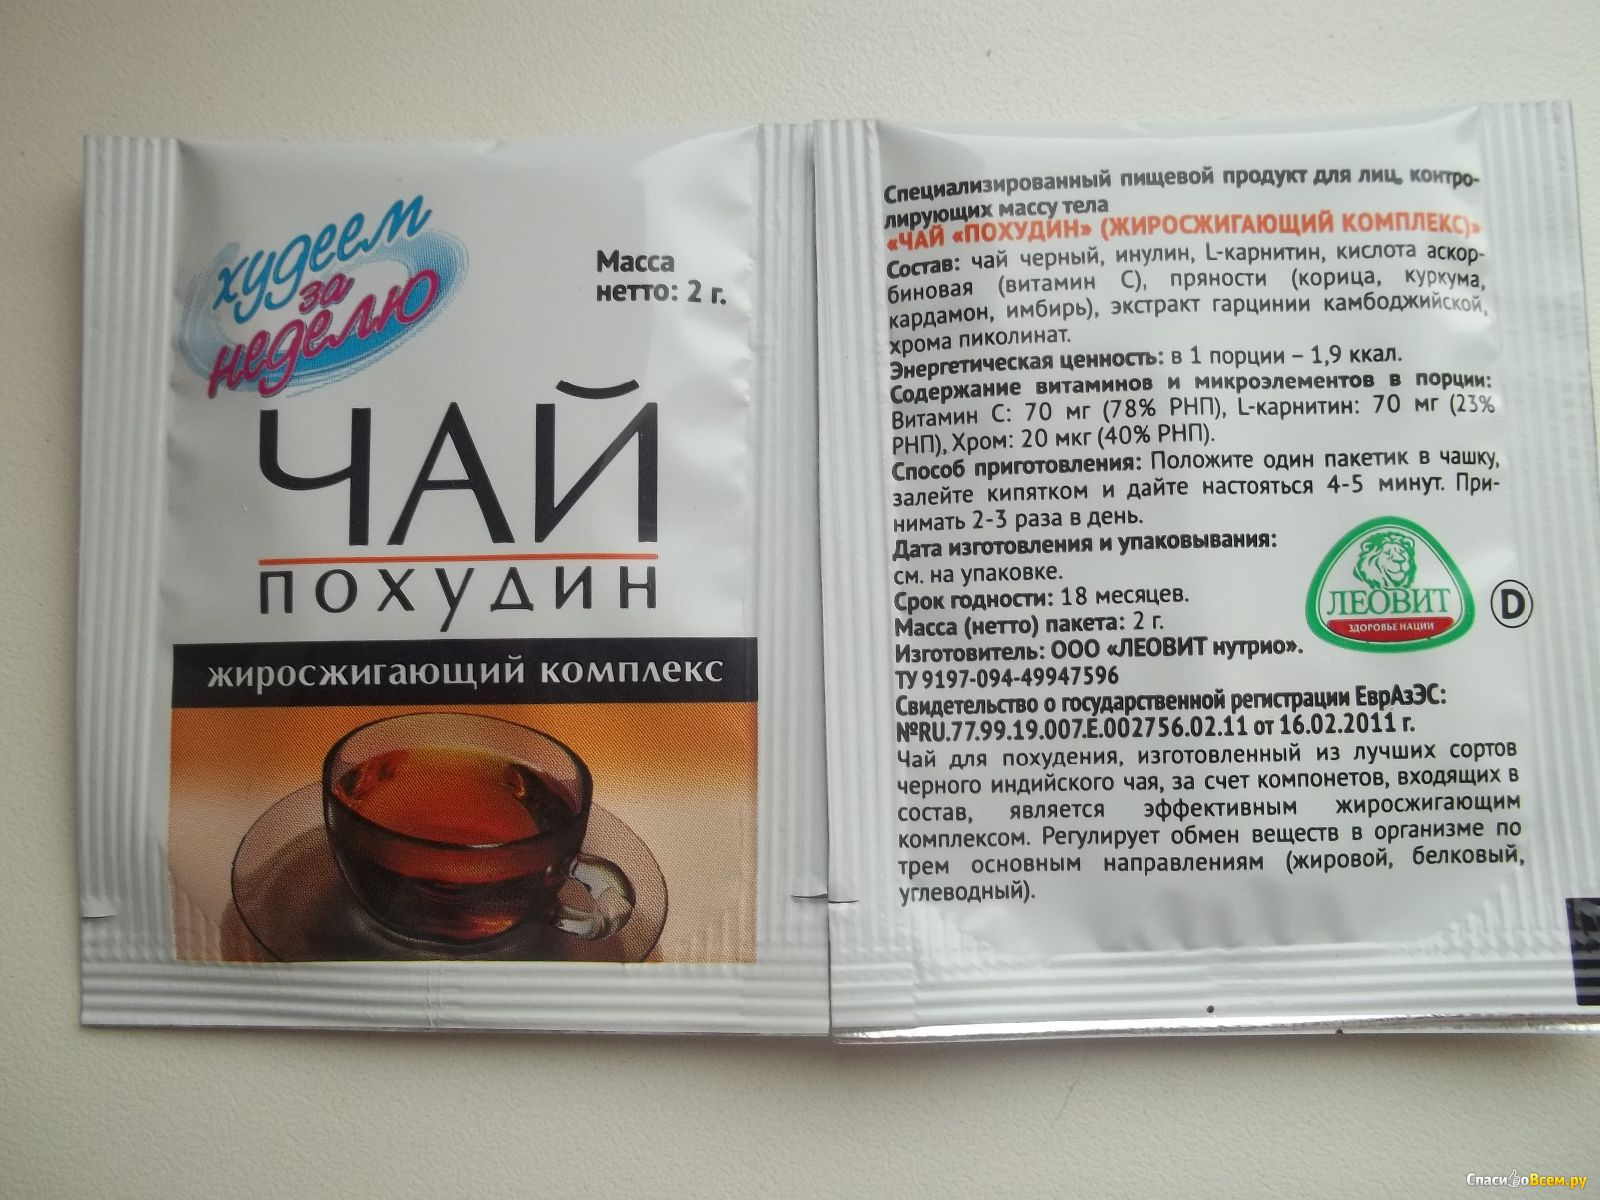 Чай для похудения леовит жиросжигающий комплекс цена